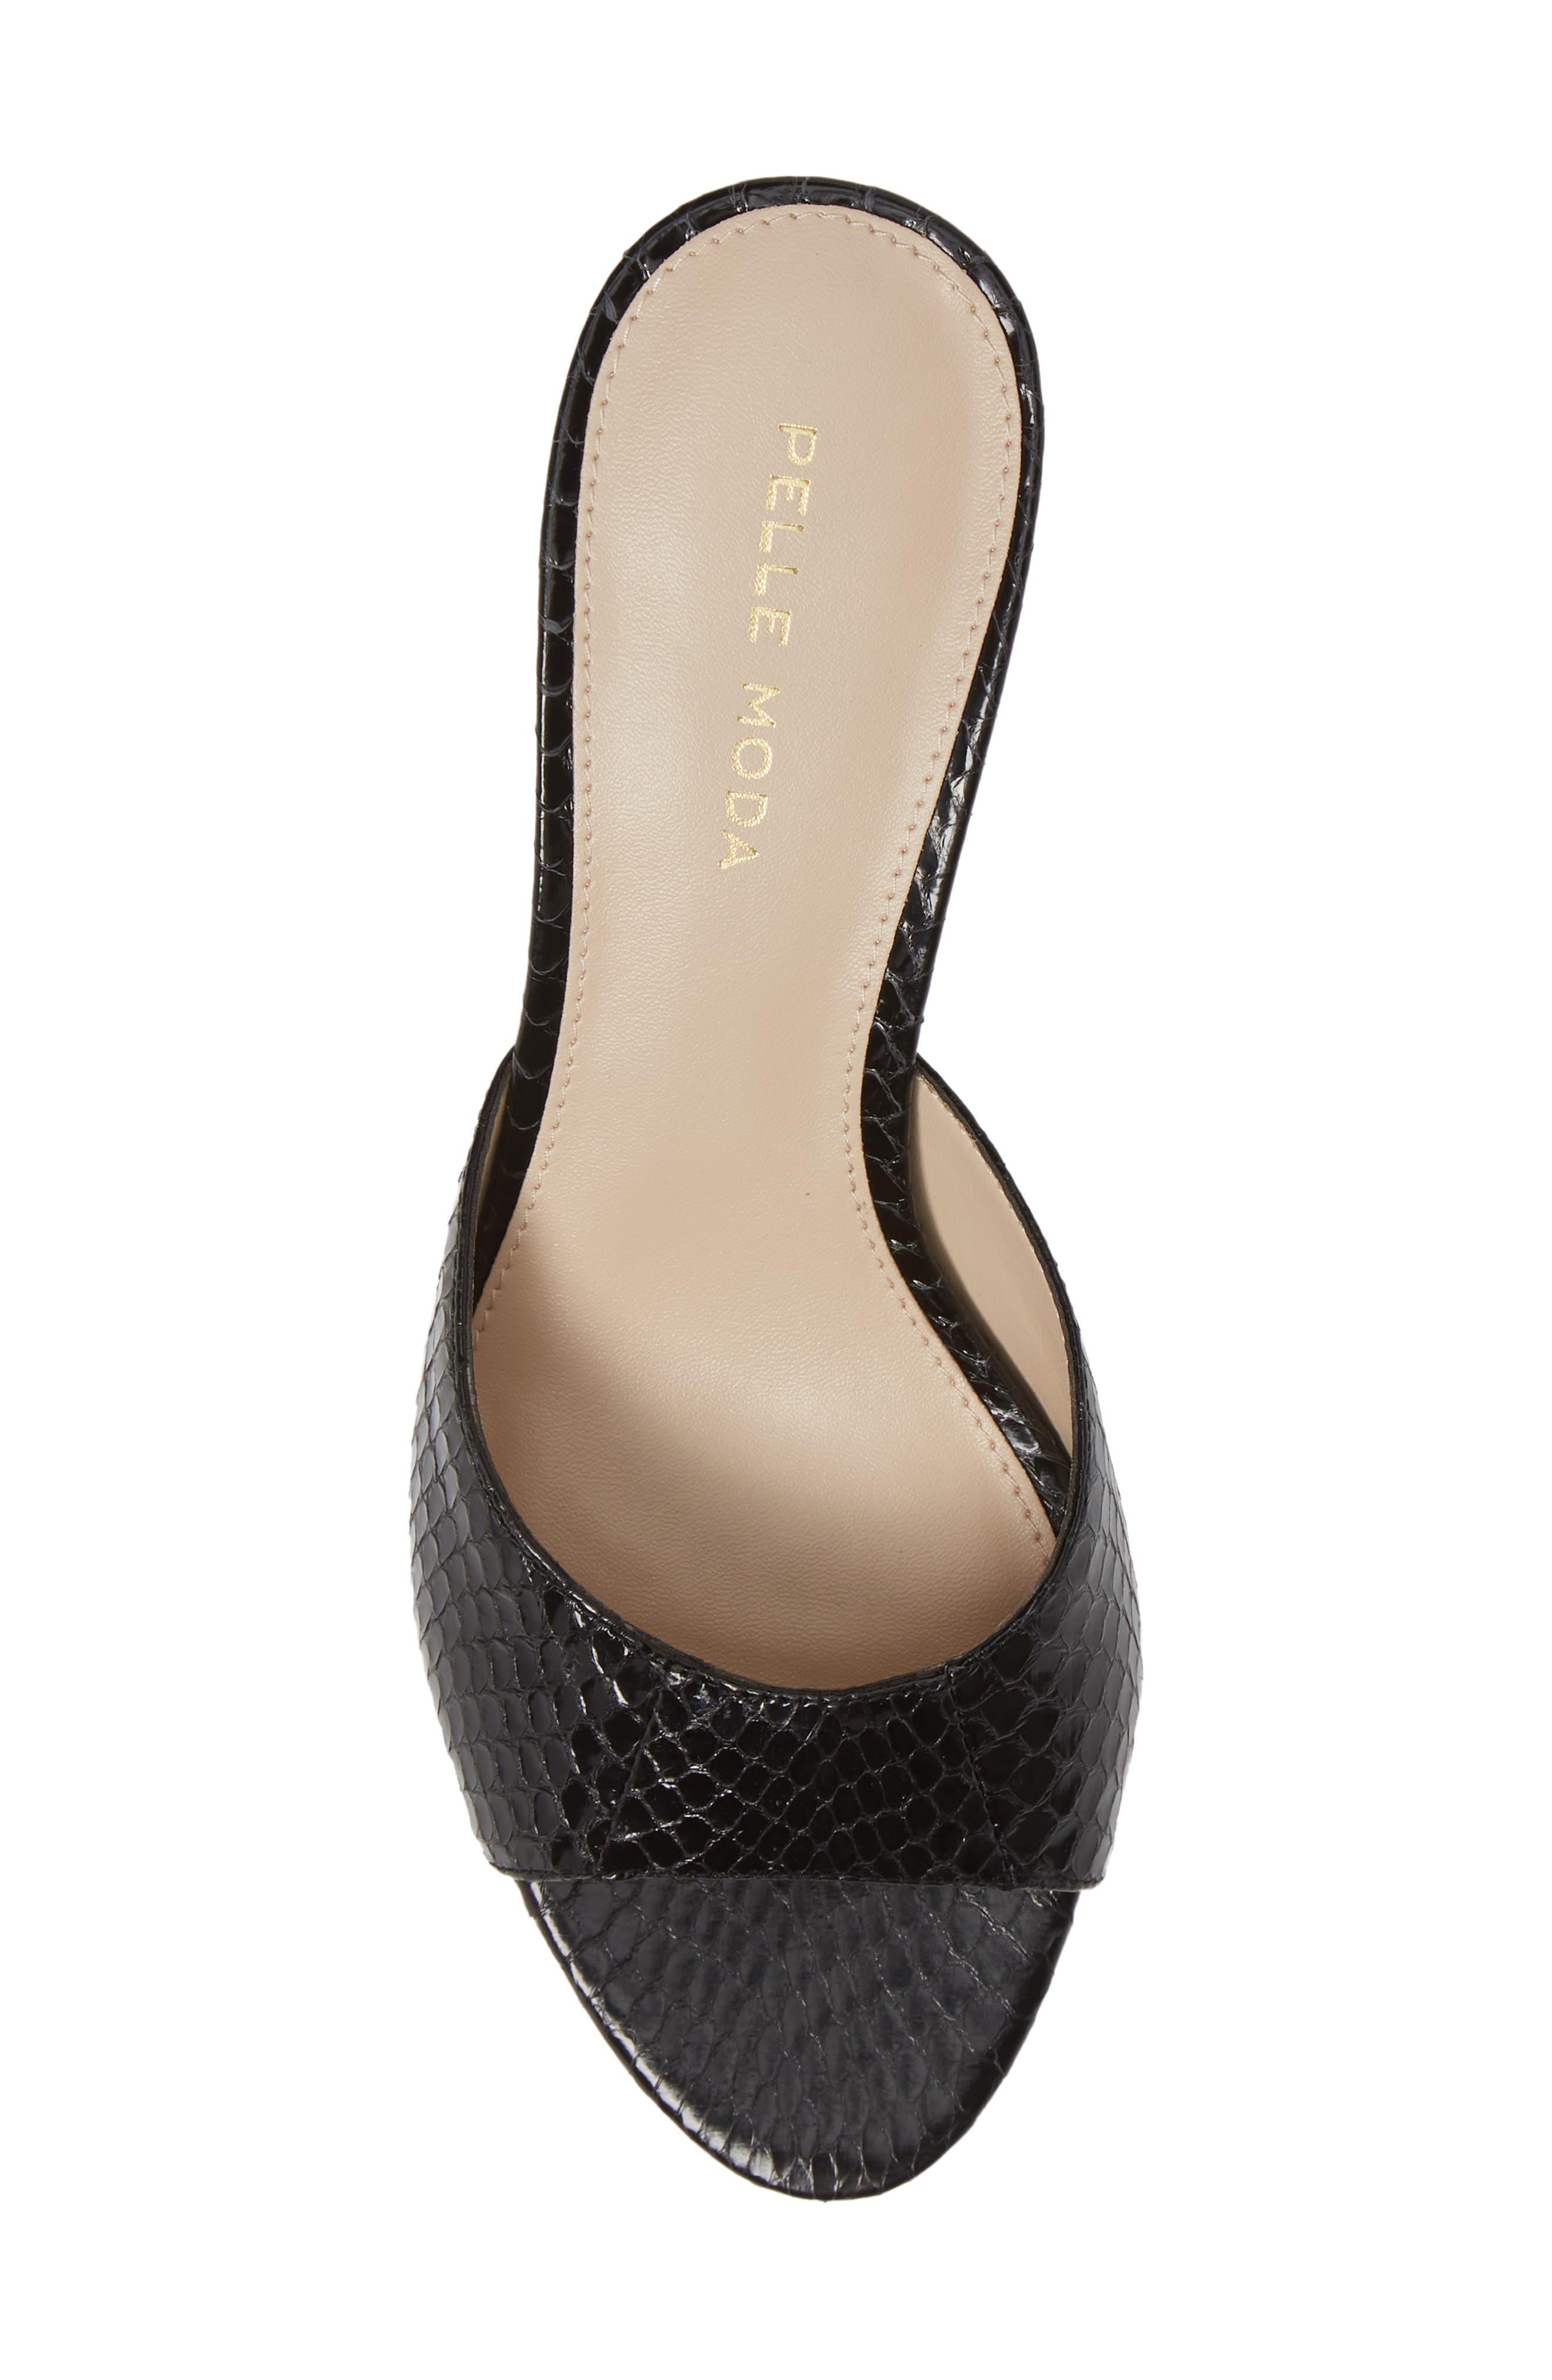 Bex Kitten Heel Slide Sandal,                             Alternate thumbnail 5, color,                             BLACK PRINT LEATHER